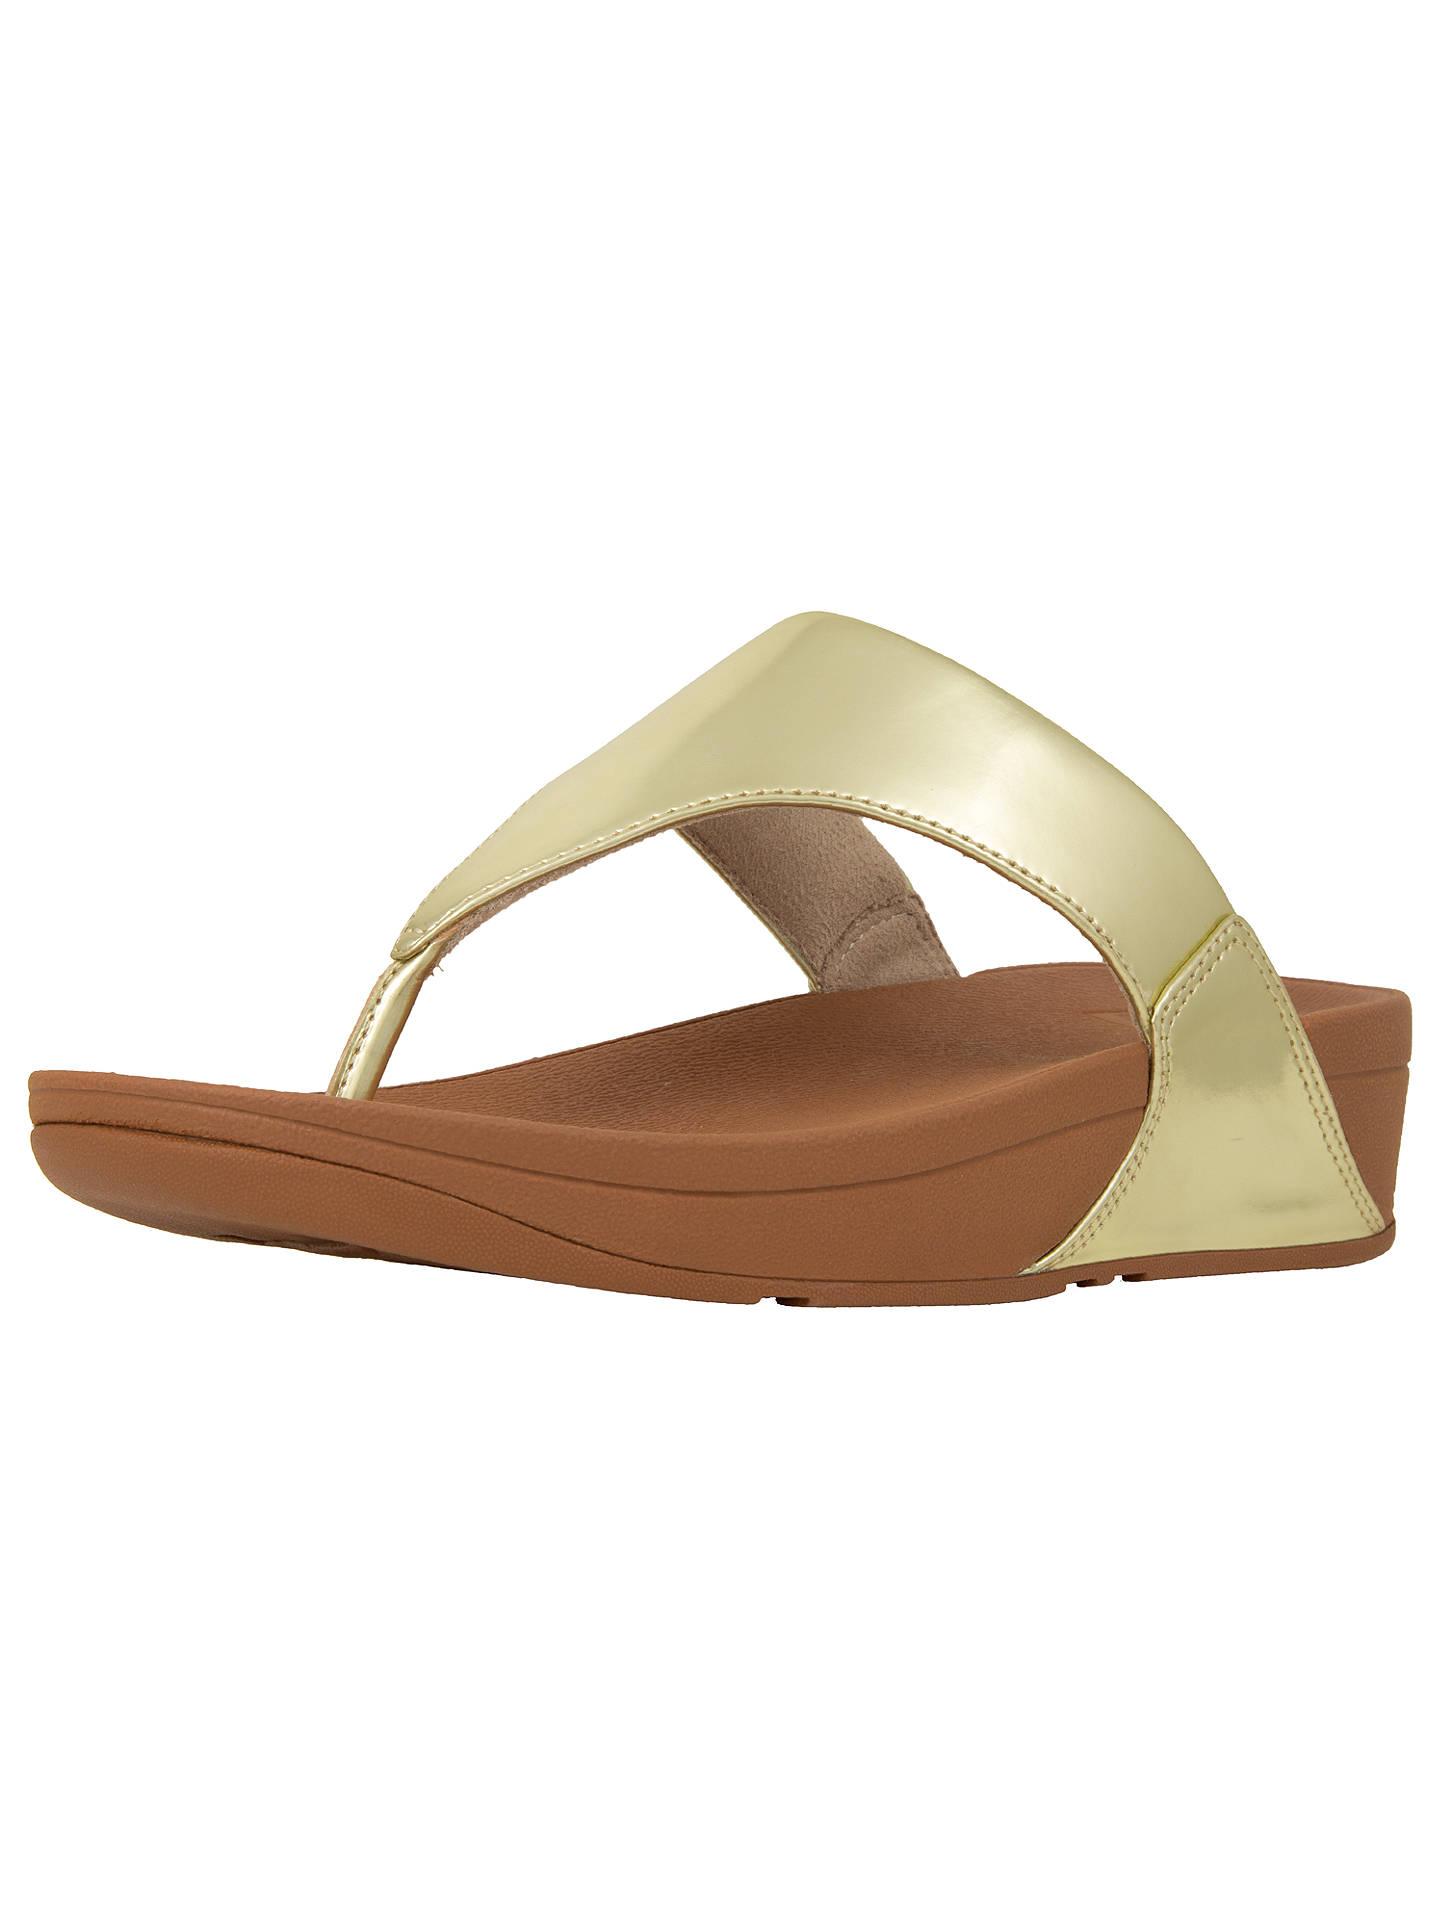 37a85d230 Buy FitFlop Lulu Leather Flip Flops